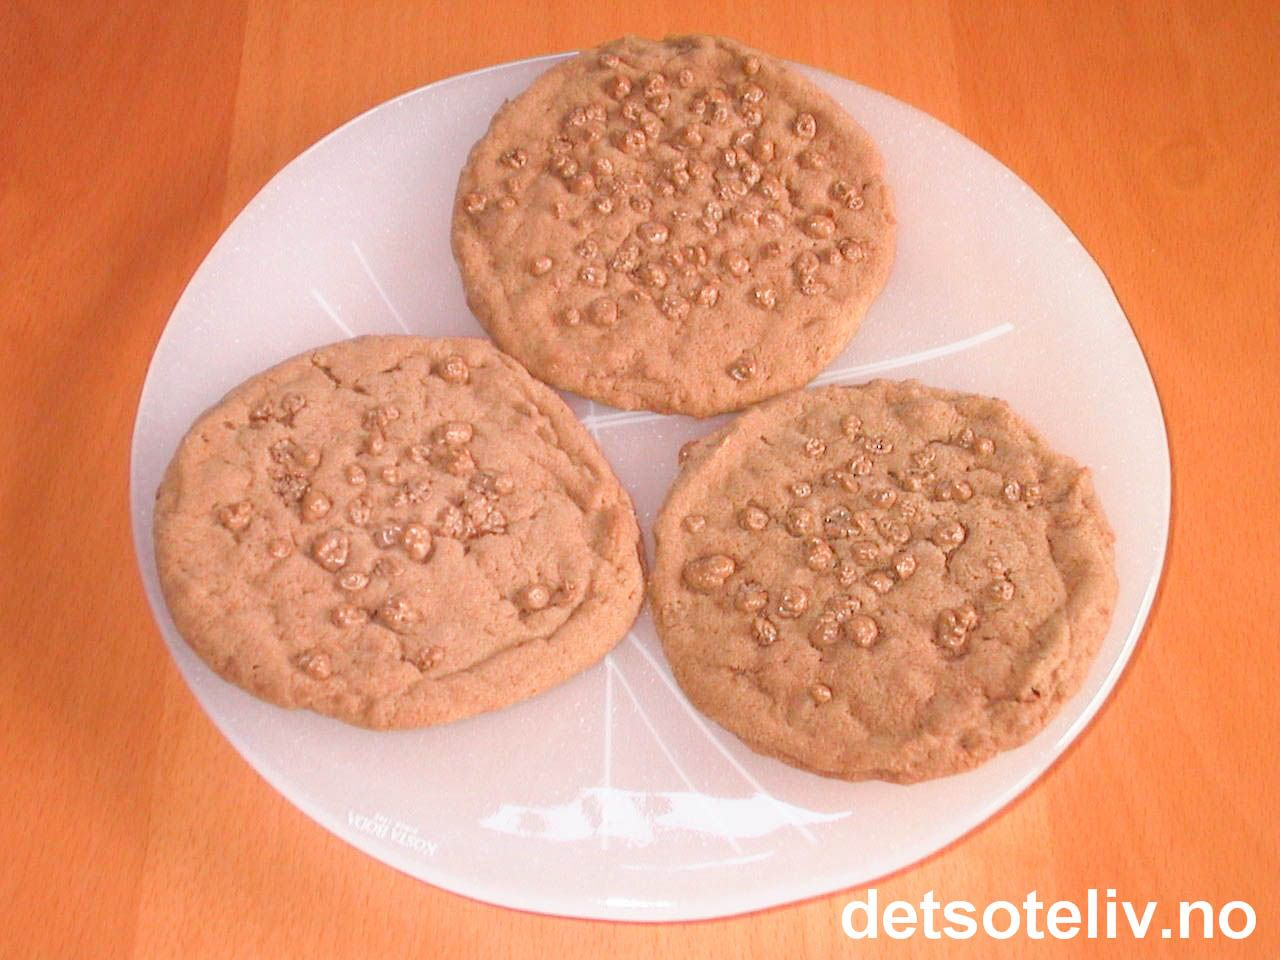 daim cookies recept